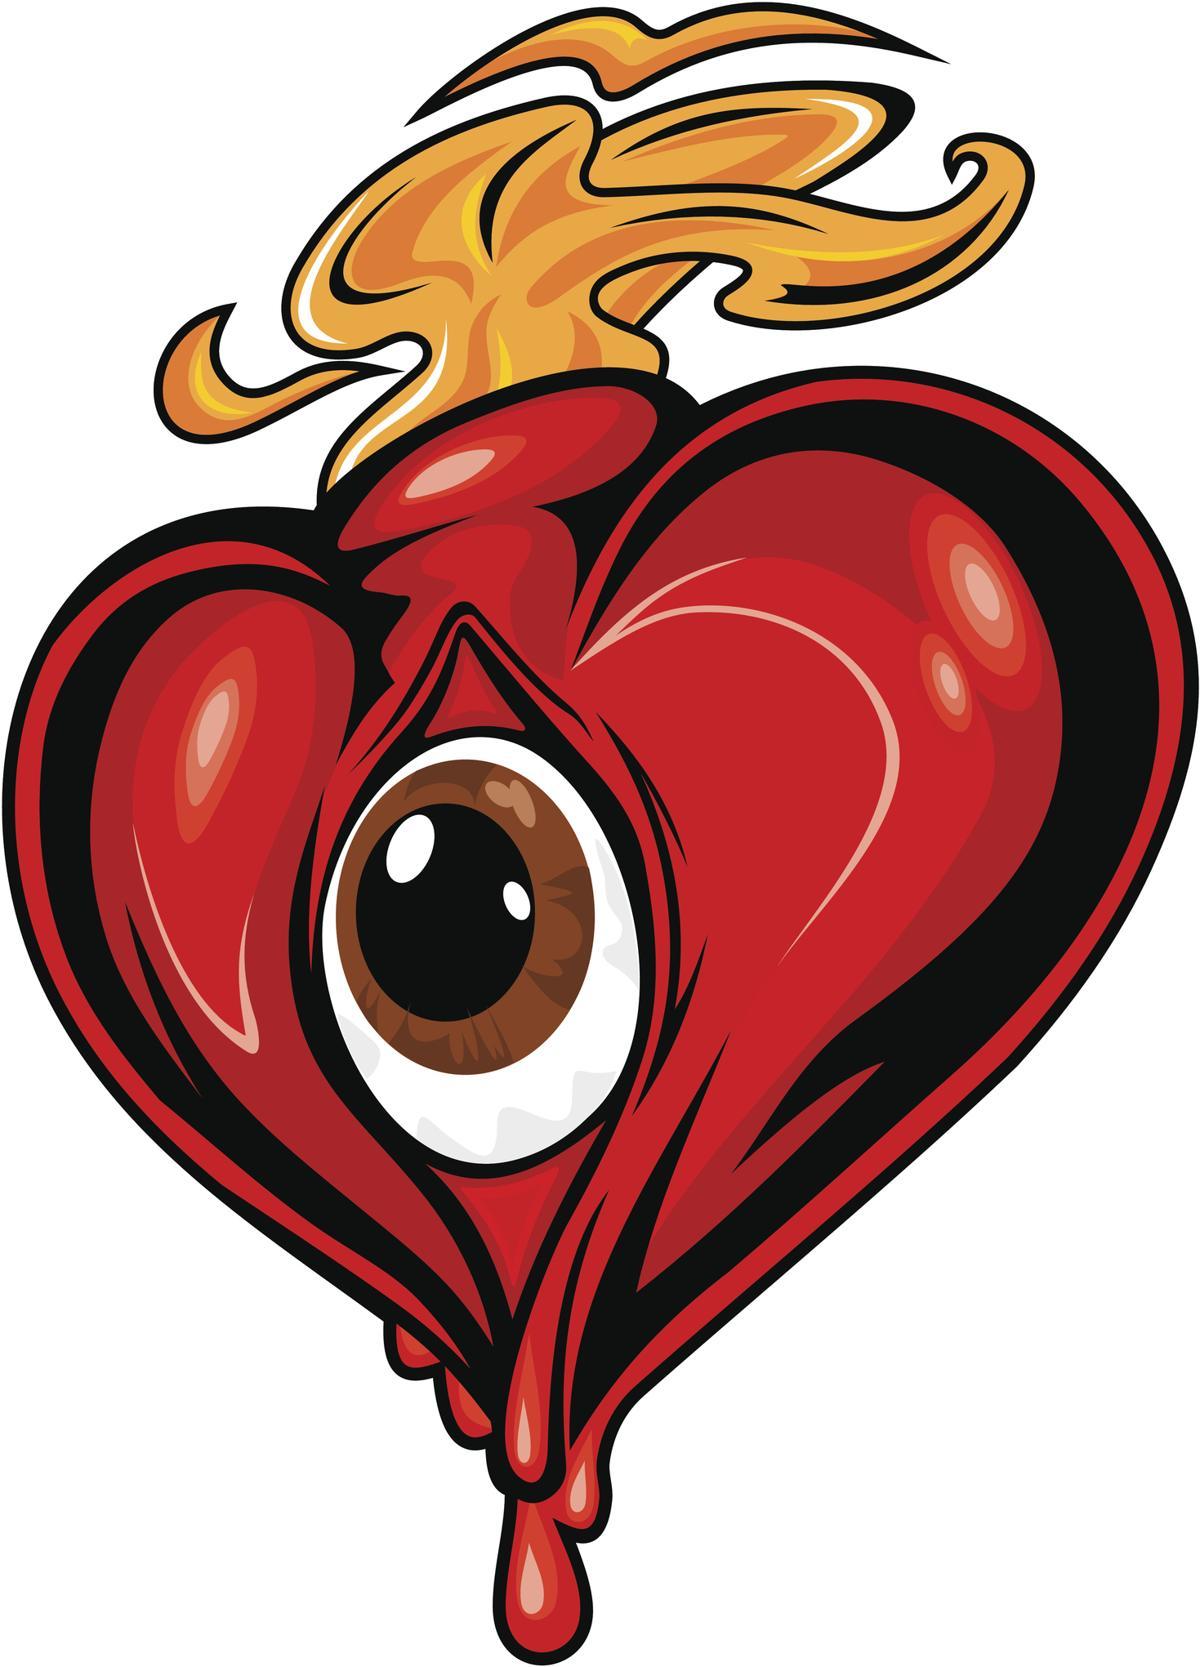 bc058955ef1f 1200x1667 Flaming Heart Tattoo